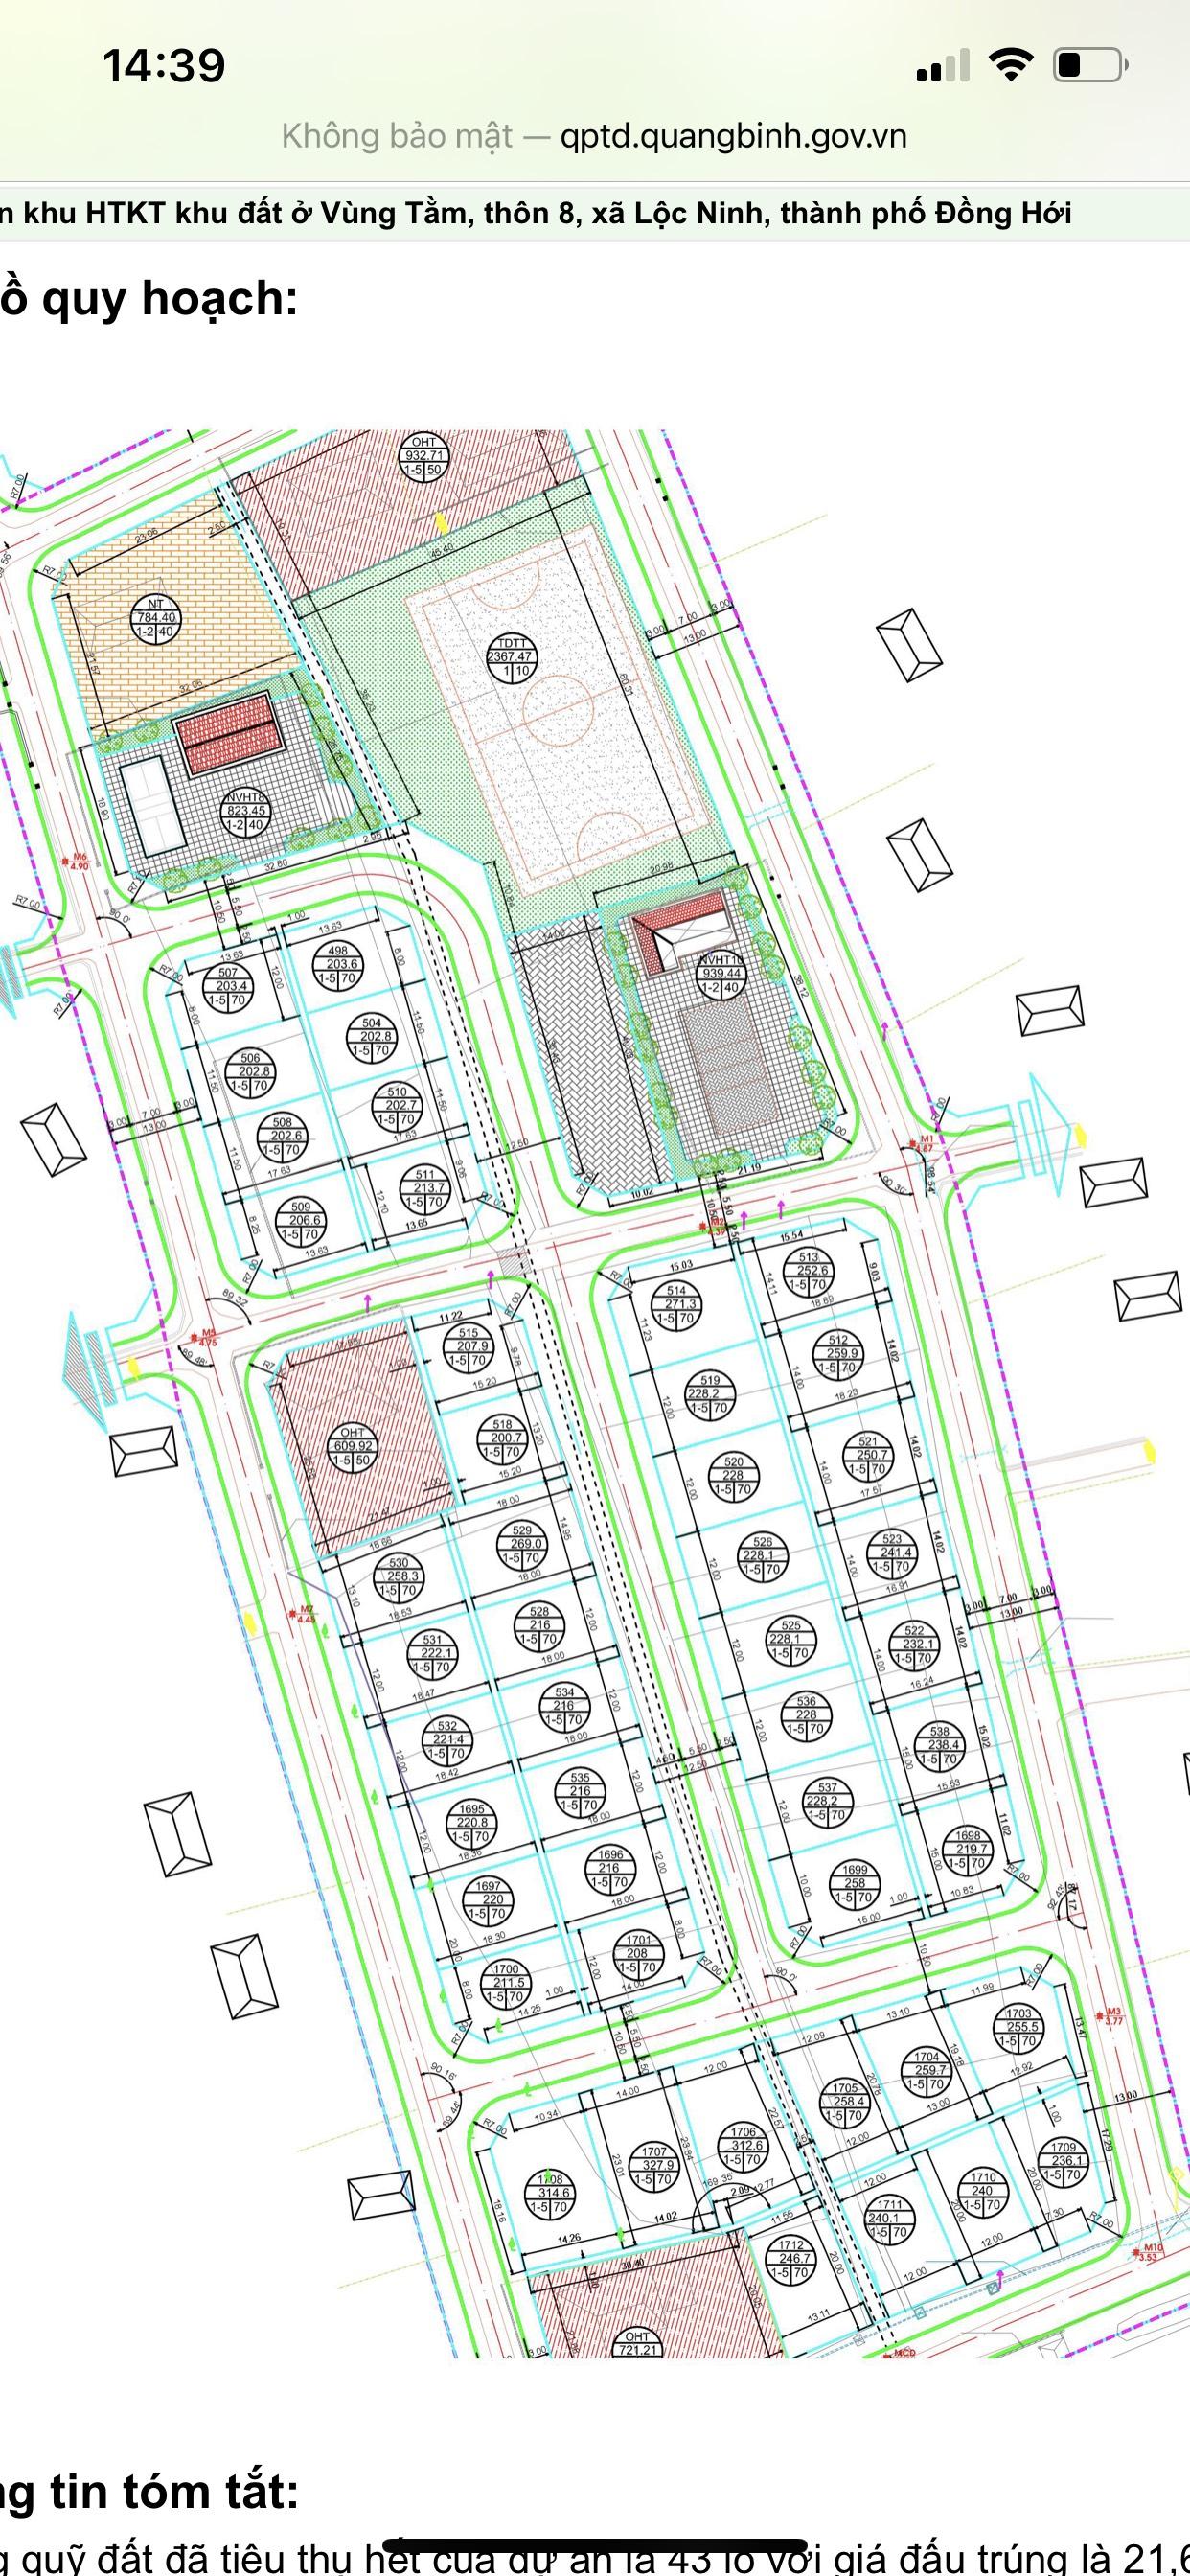 Cần bán Đất đường Đỗ Nhuận, Xã Lộc Ninh, Diện tích 228m², Giá Thương lượng